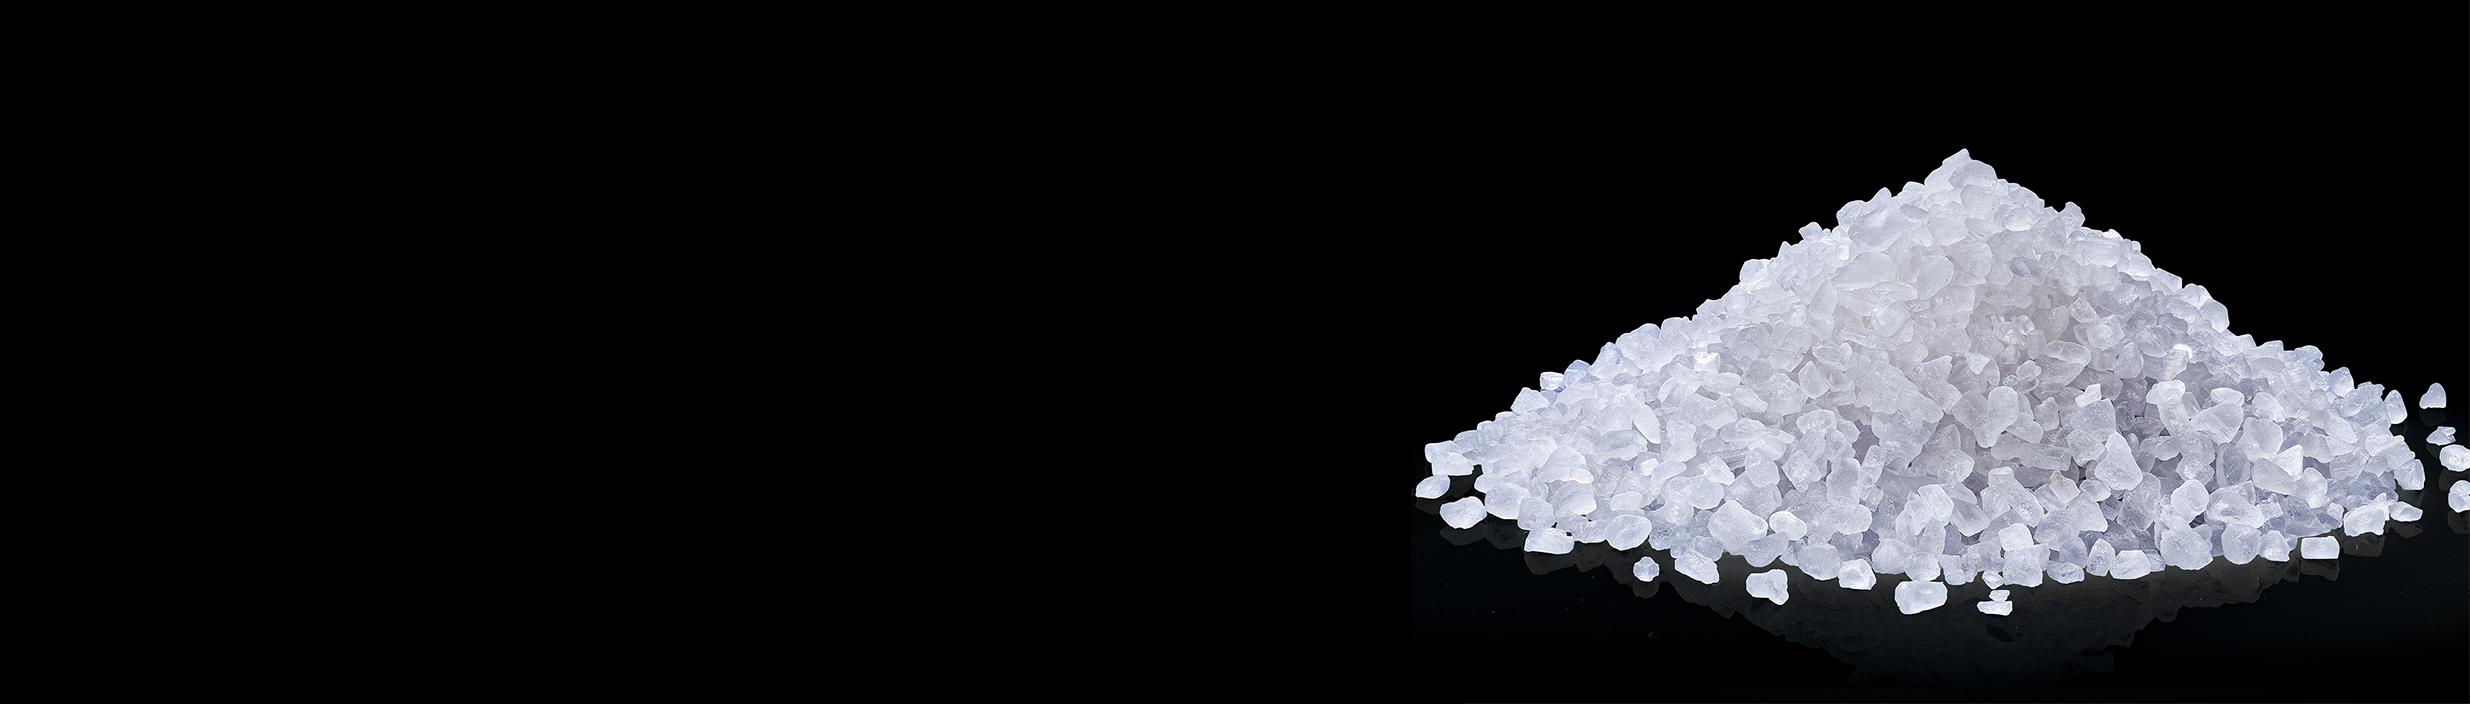 Saltlage målt i baumégrader